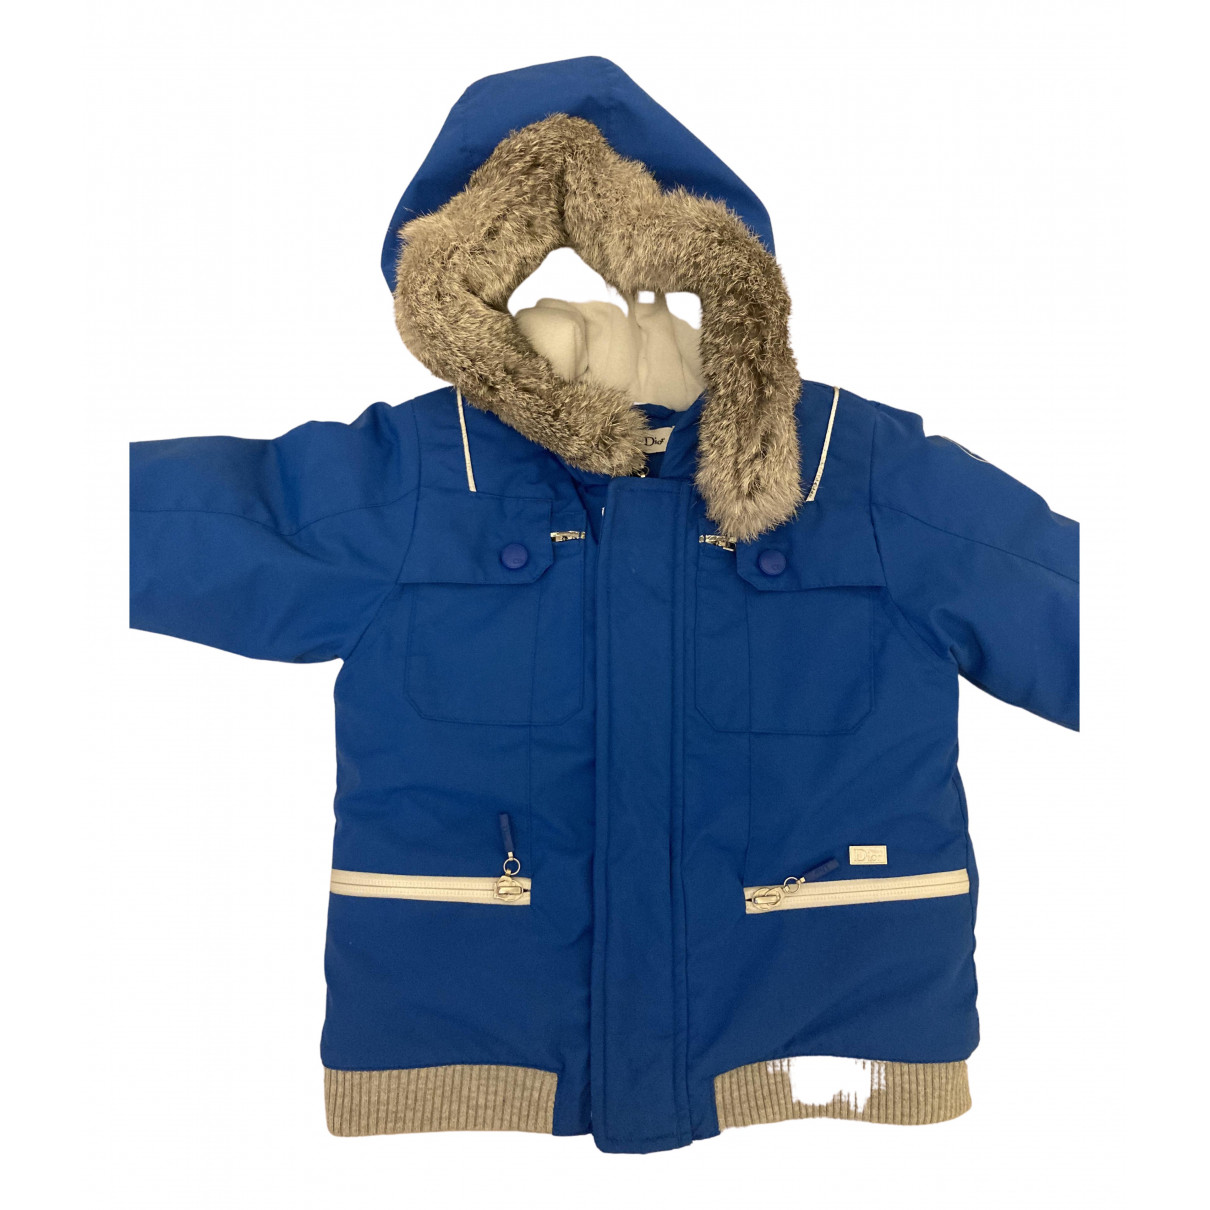 Dior - Blousons.Manteaux   pour enfant - bleu